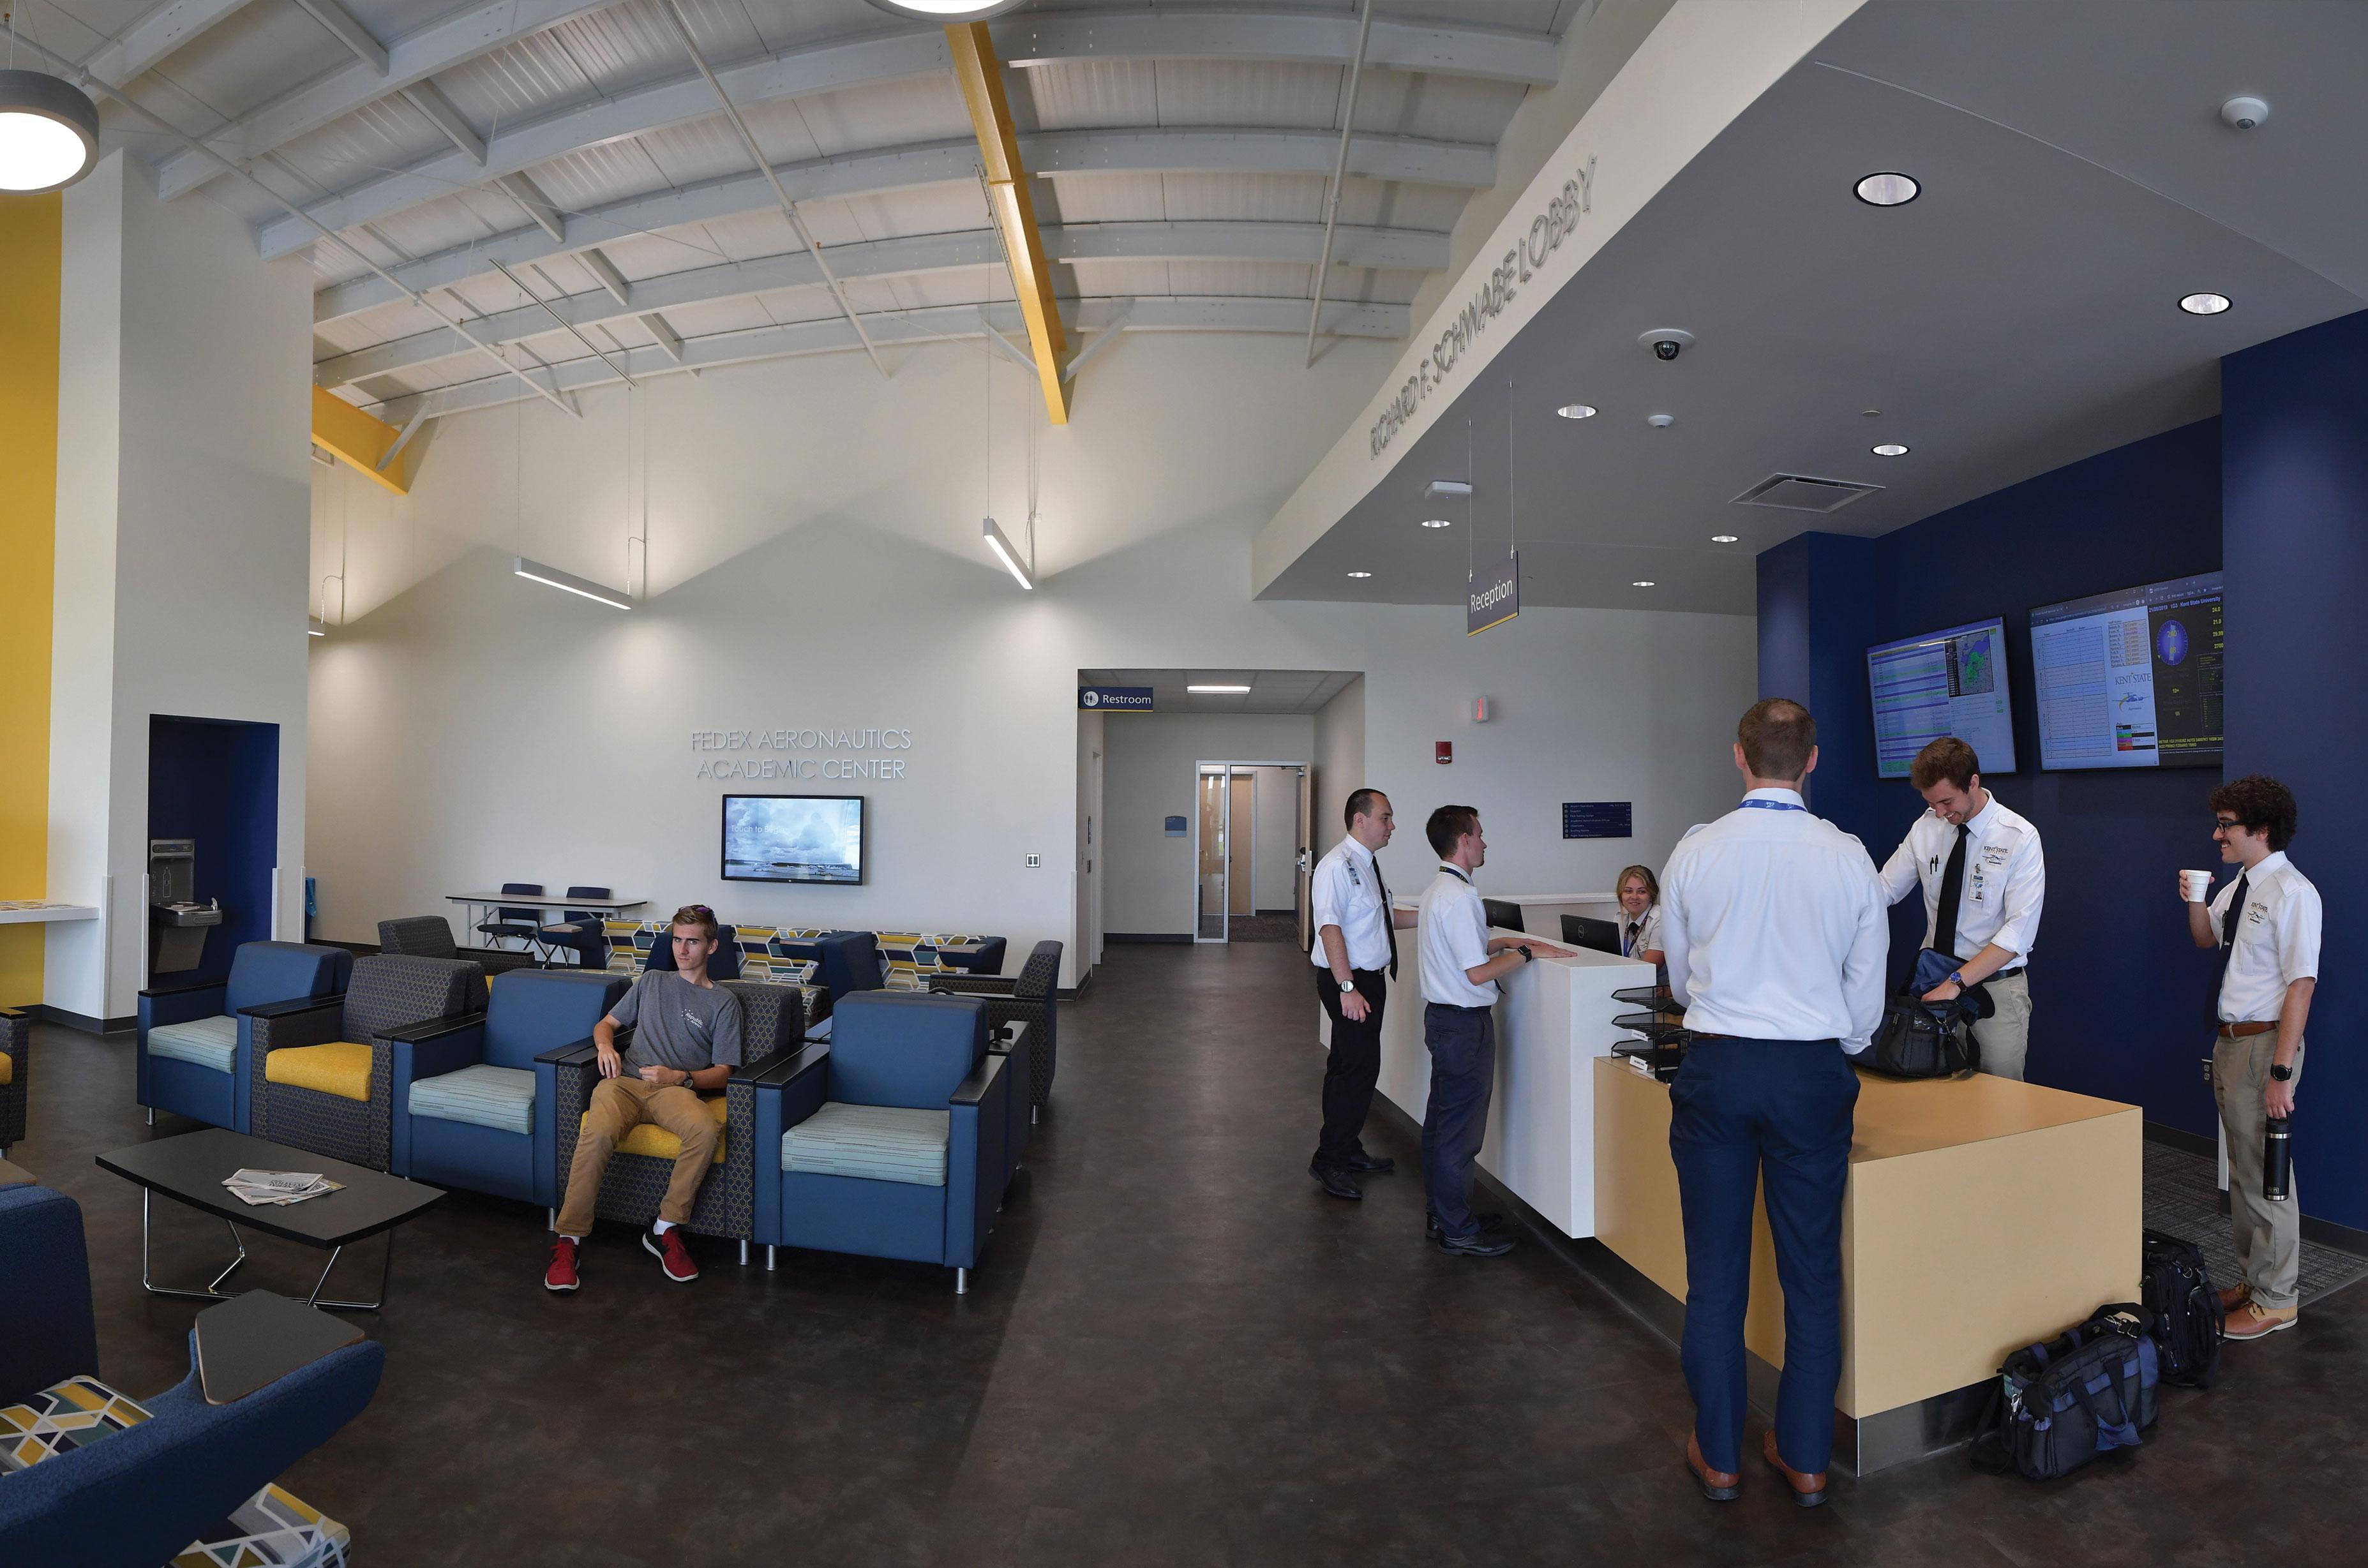 FedEx Aeronautics Academic Center